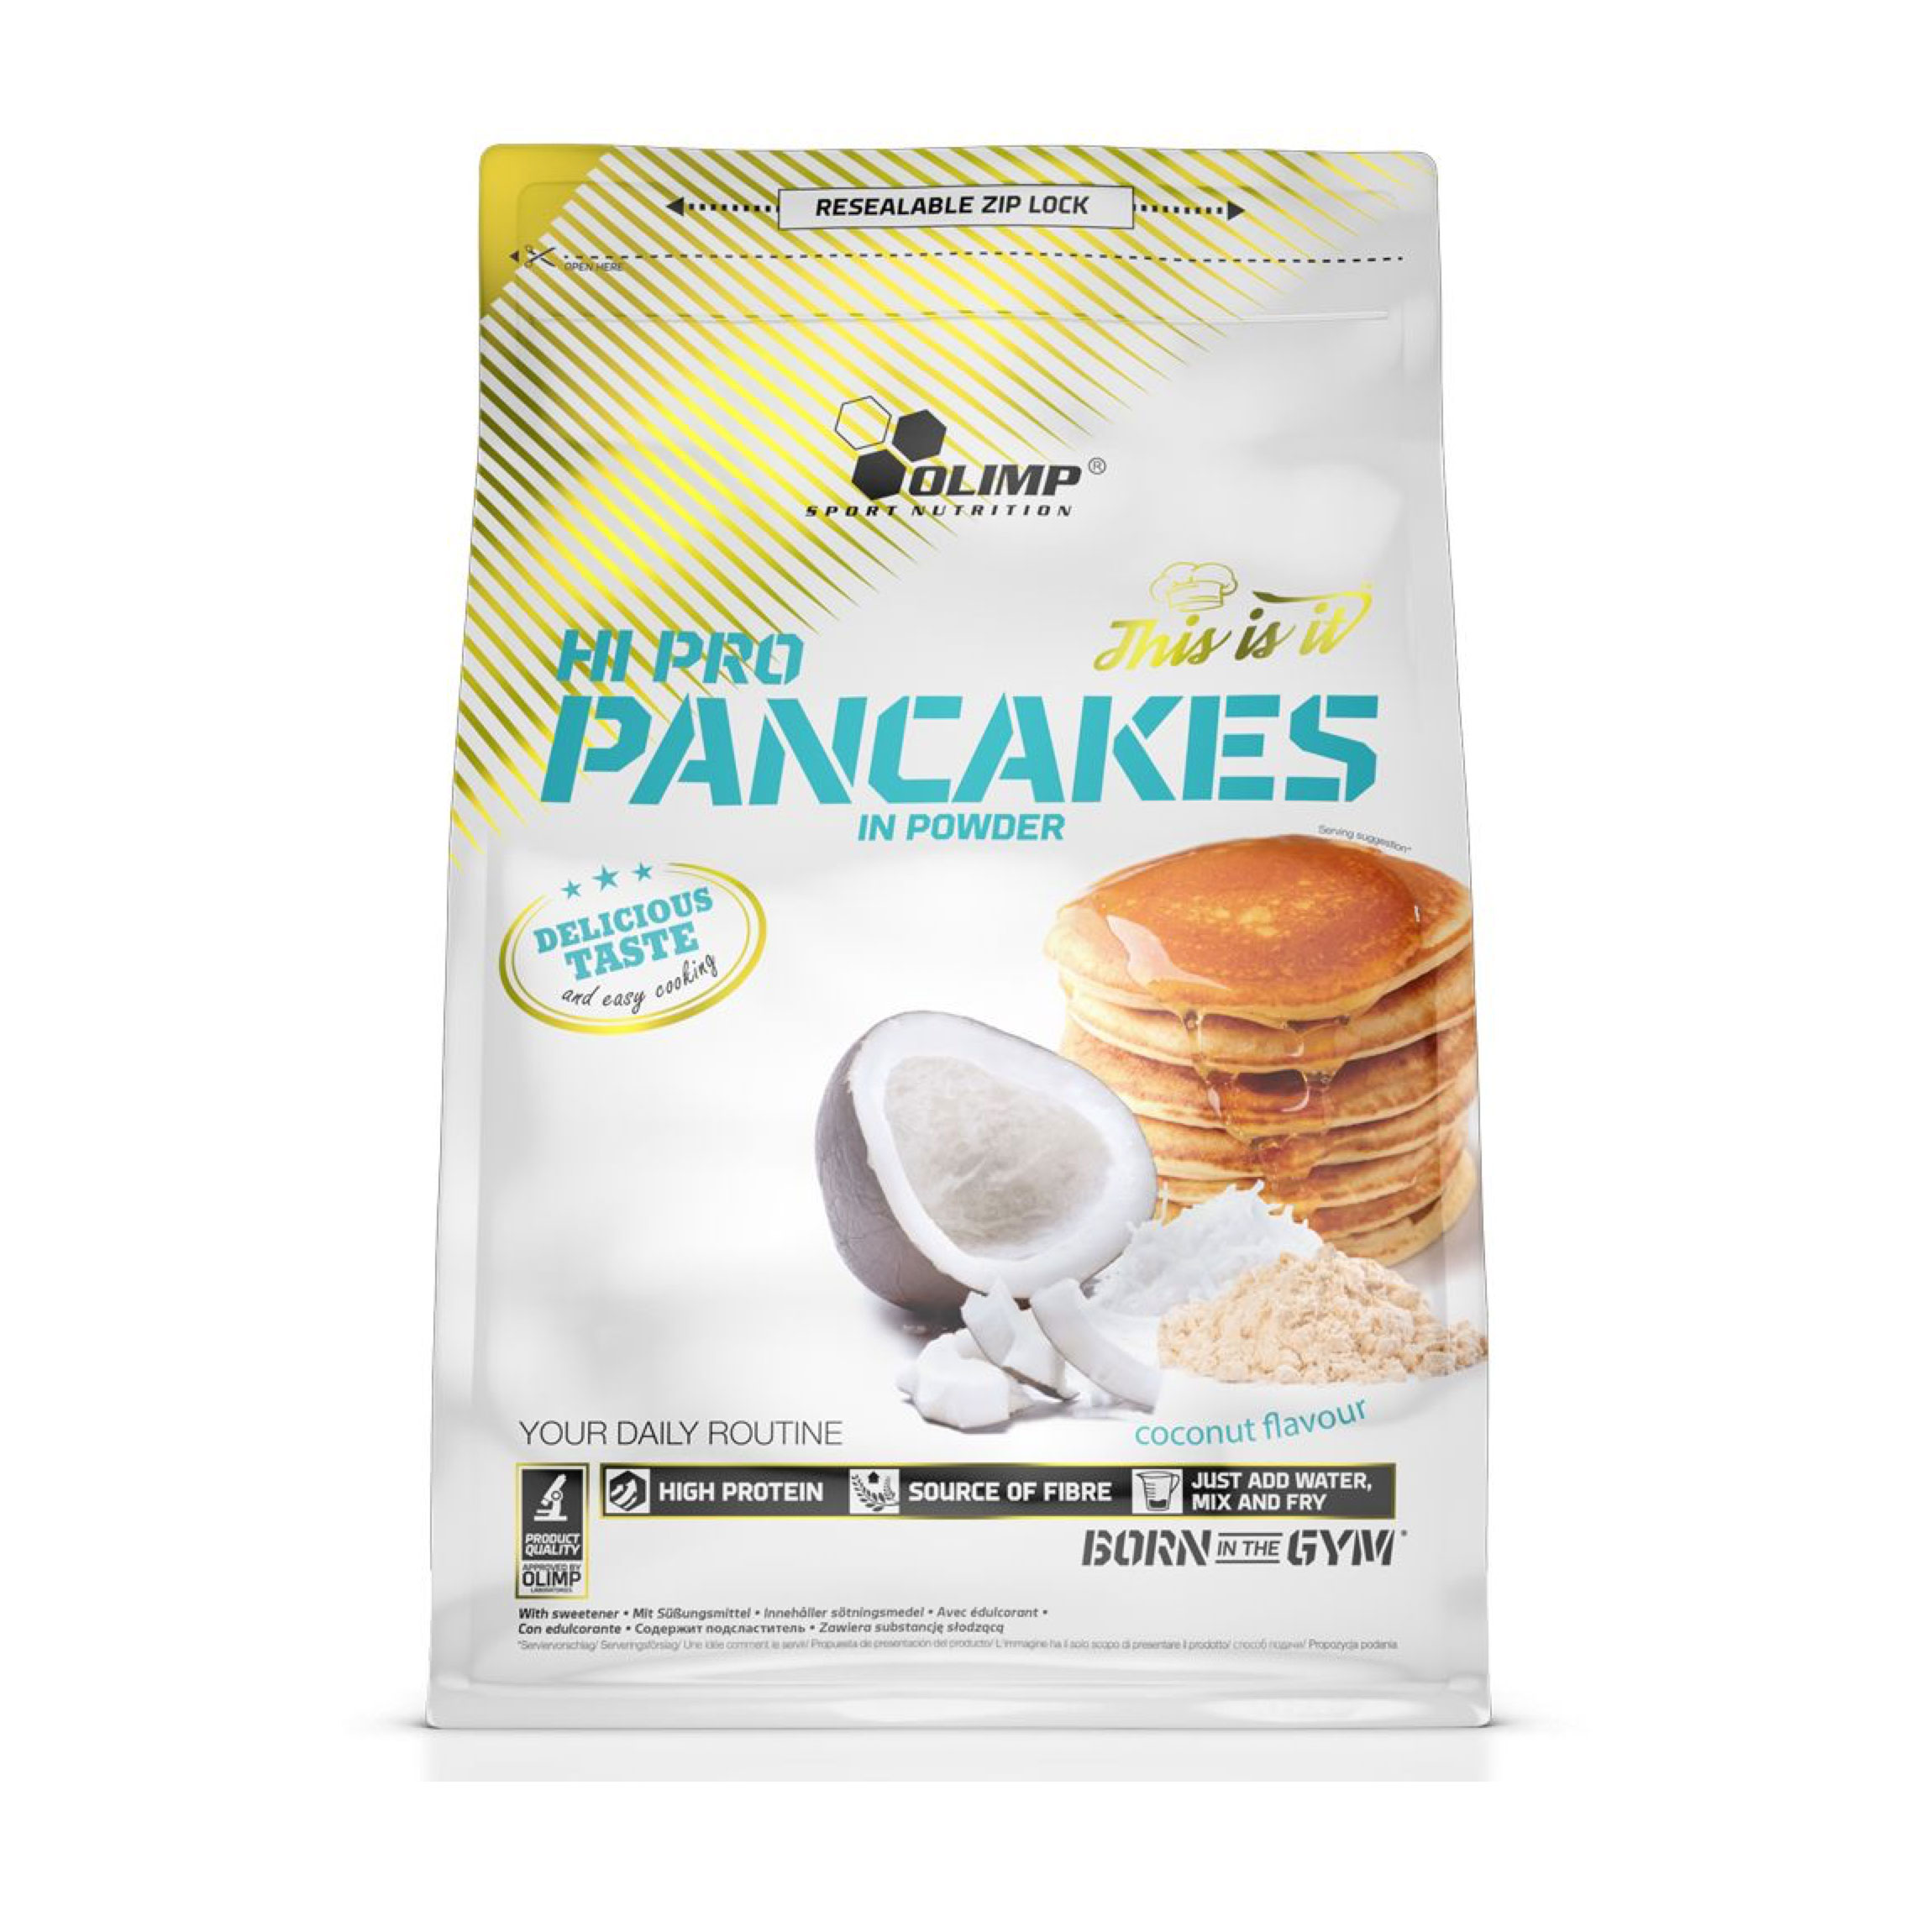 OLIMP Hi Pro Pancakes 900g/Coconut Flavour bei Mic's Body Shop